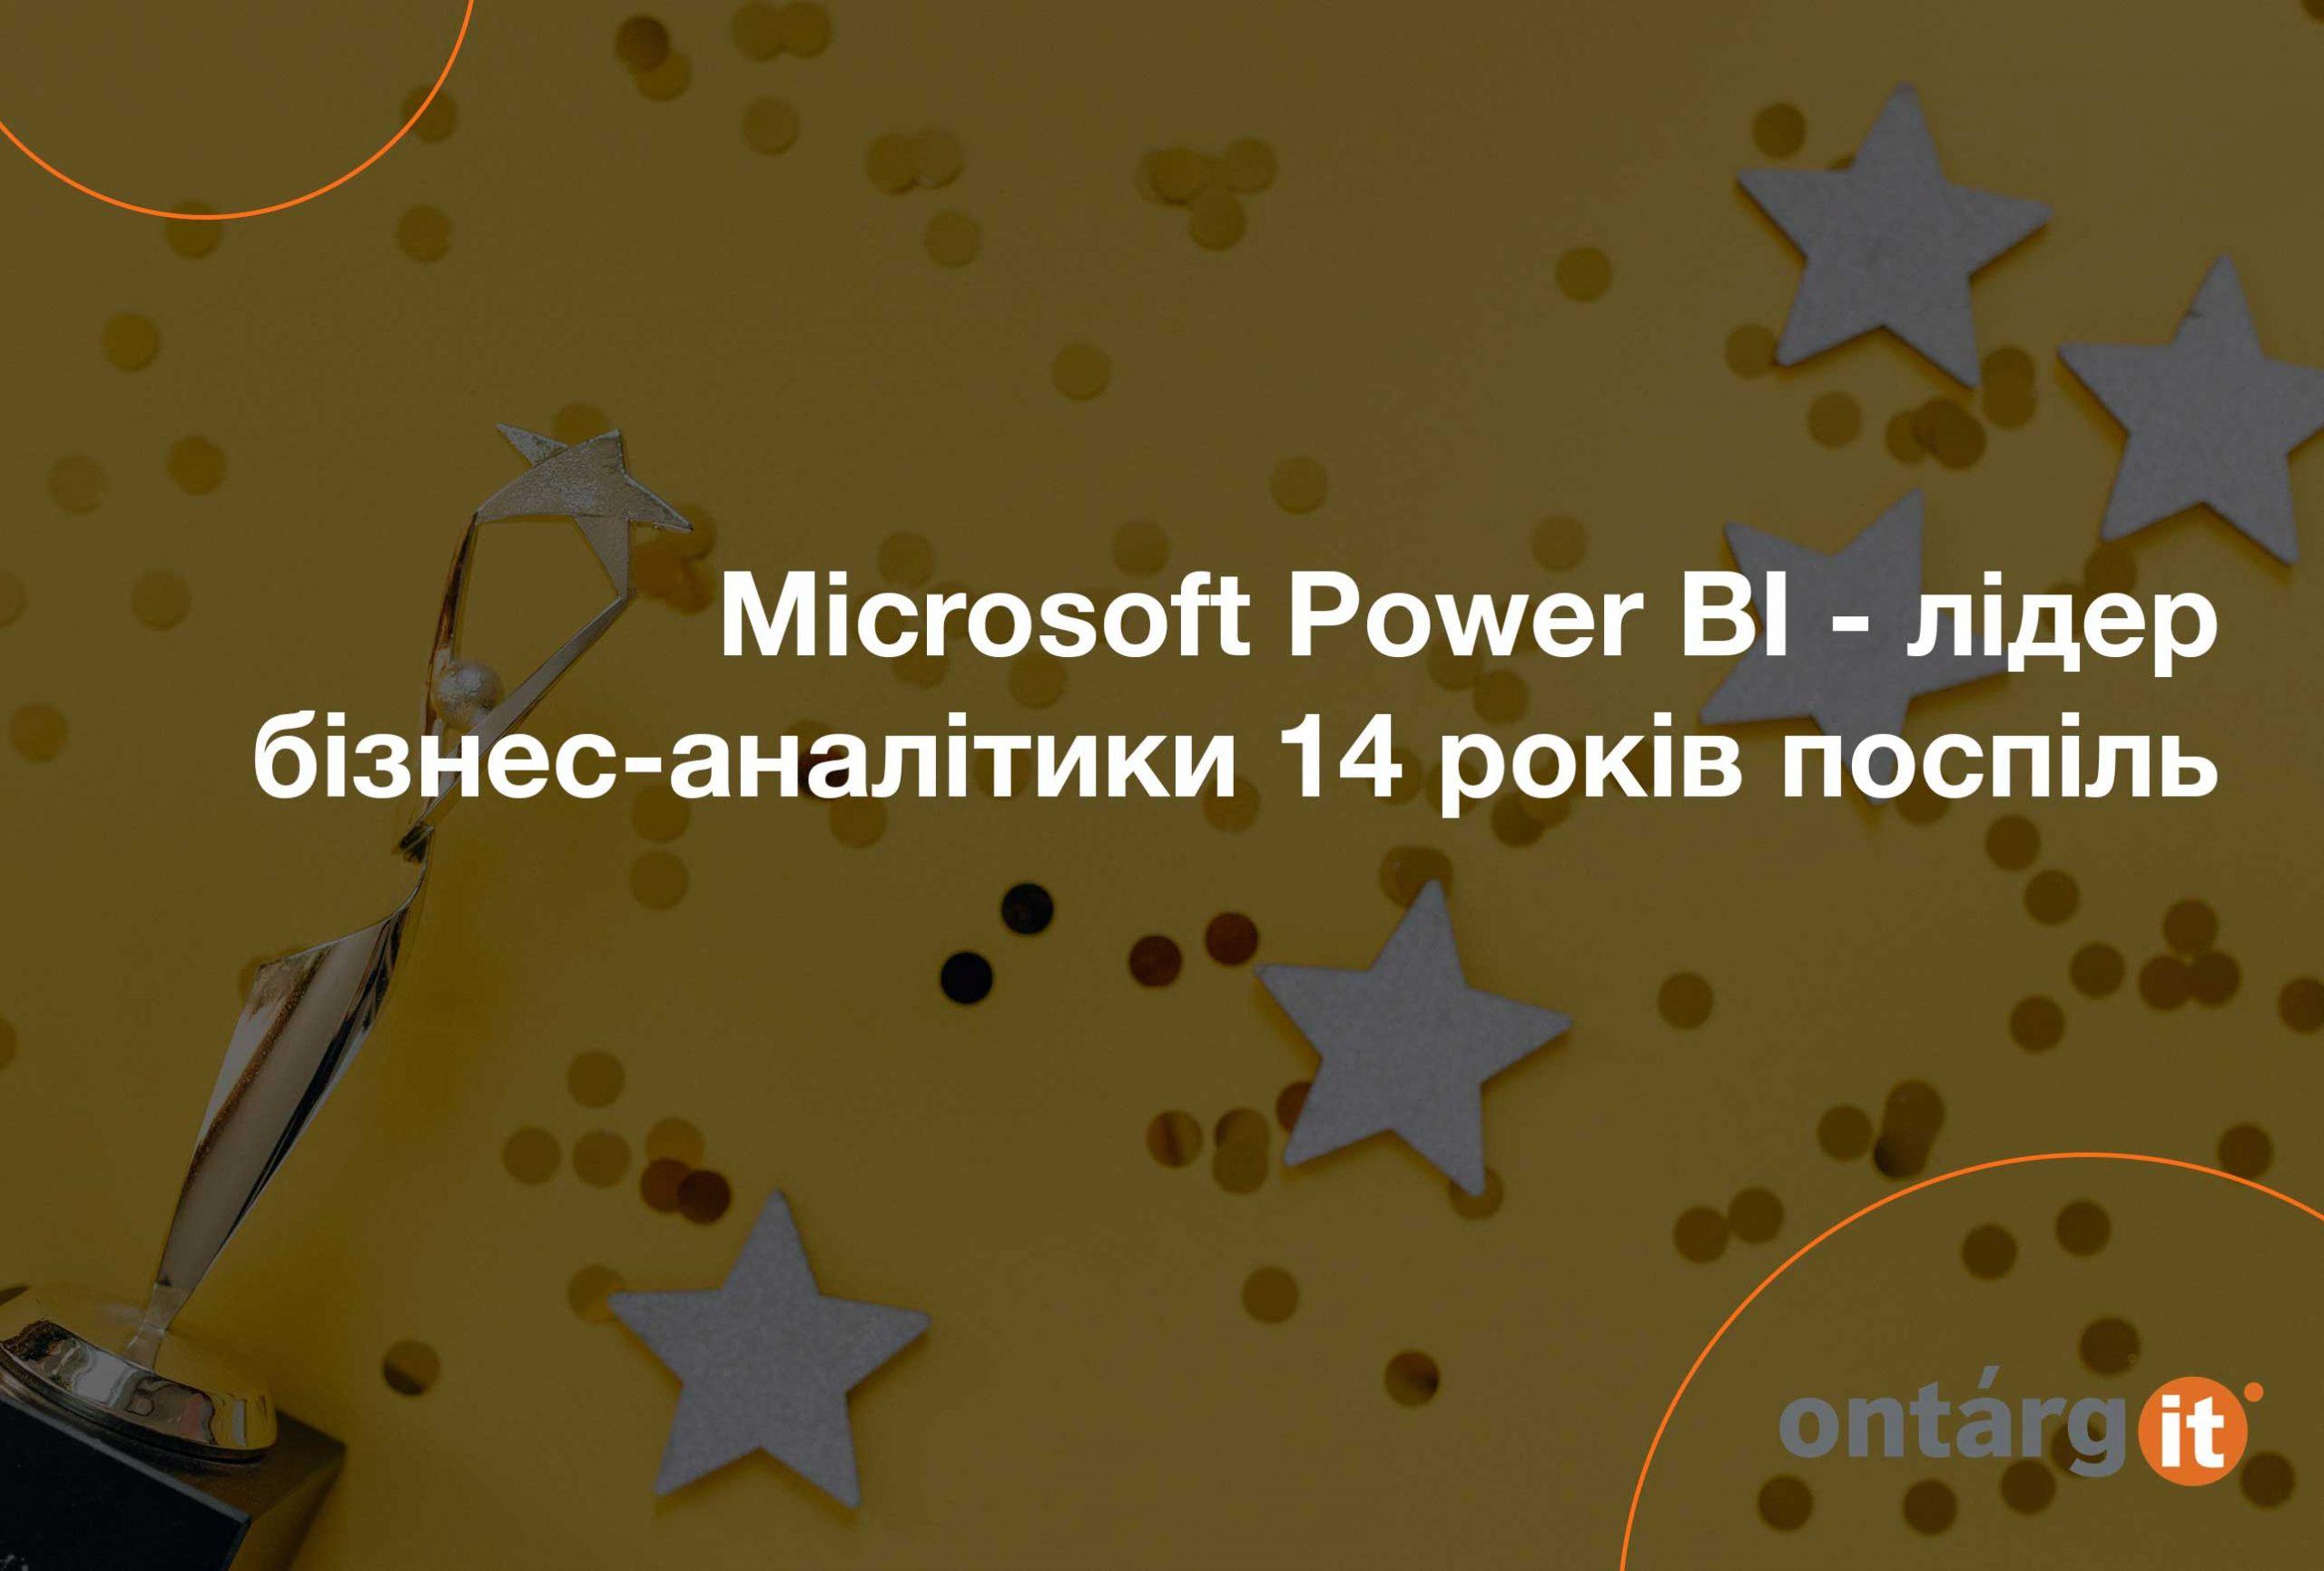 Майкрософт_лідер_бізнес_аналітики_14_років_поспіль